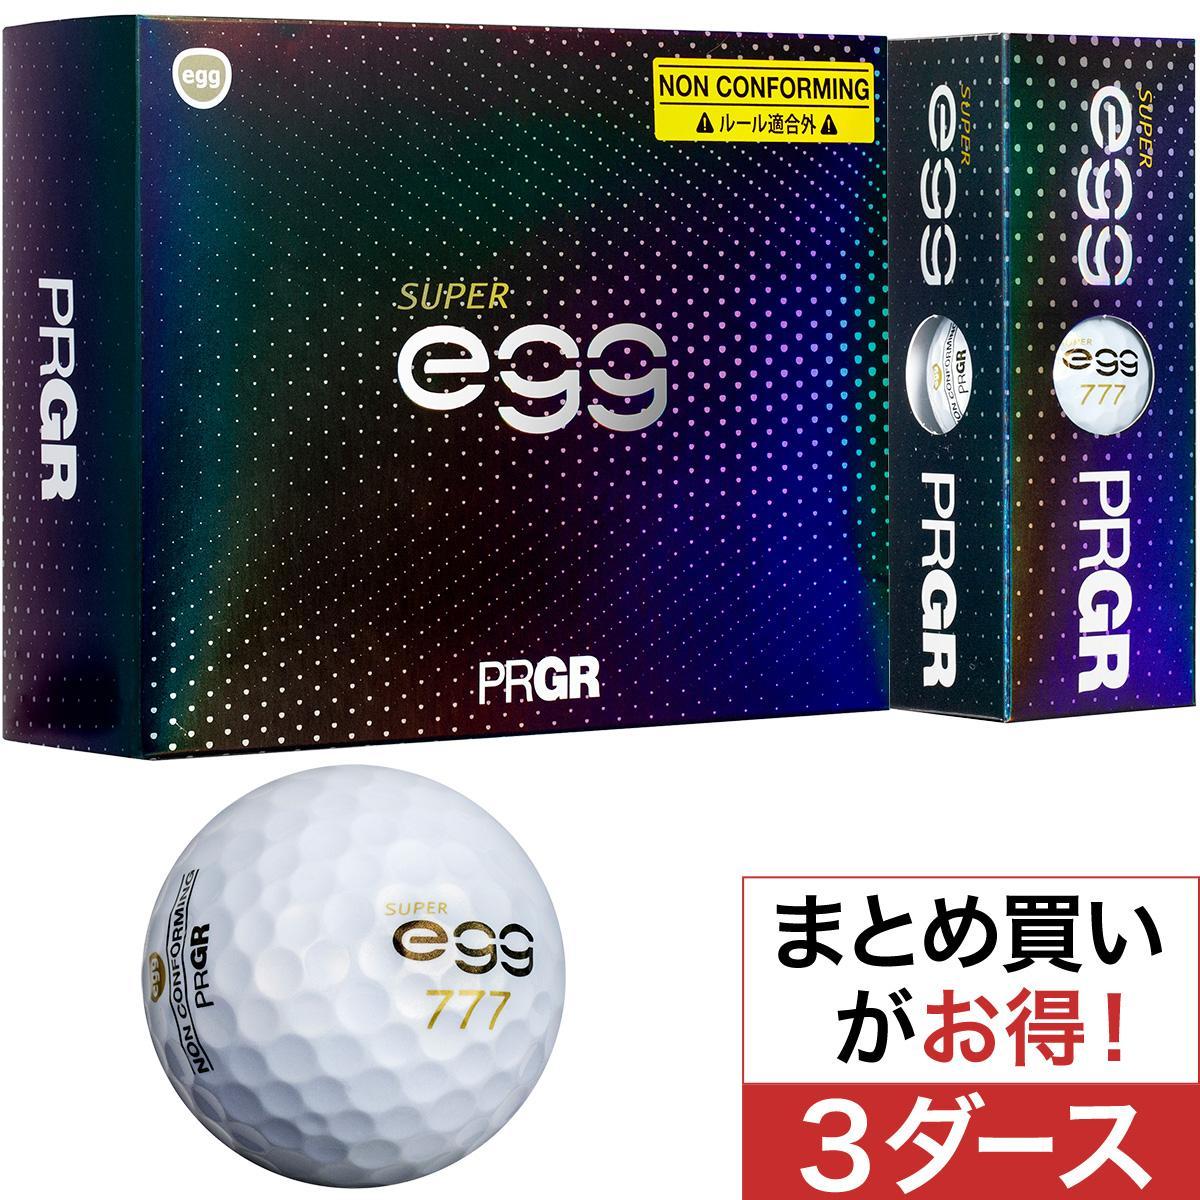 プロギア egg NEW SUPER エッグ ボール 3ダースセット 【非公認球】